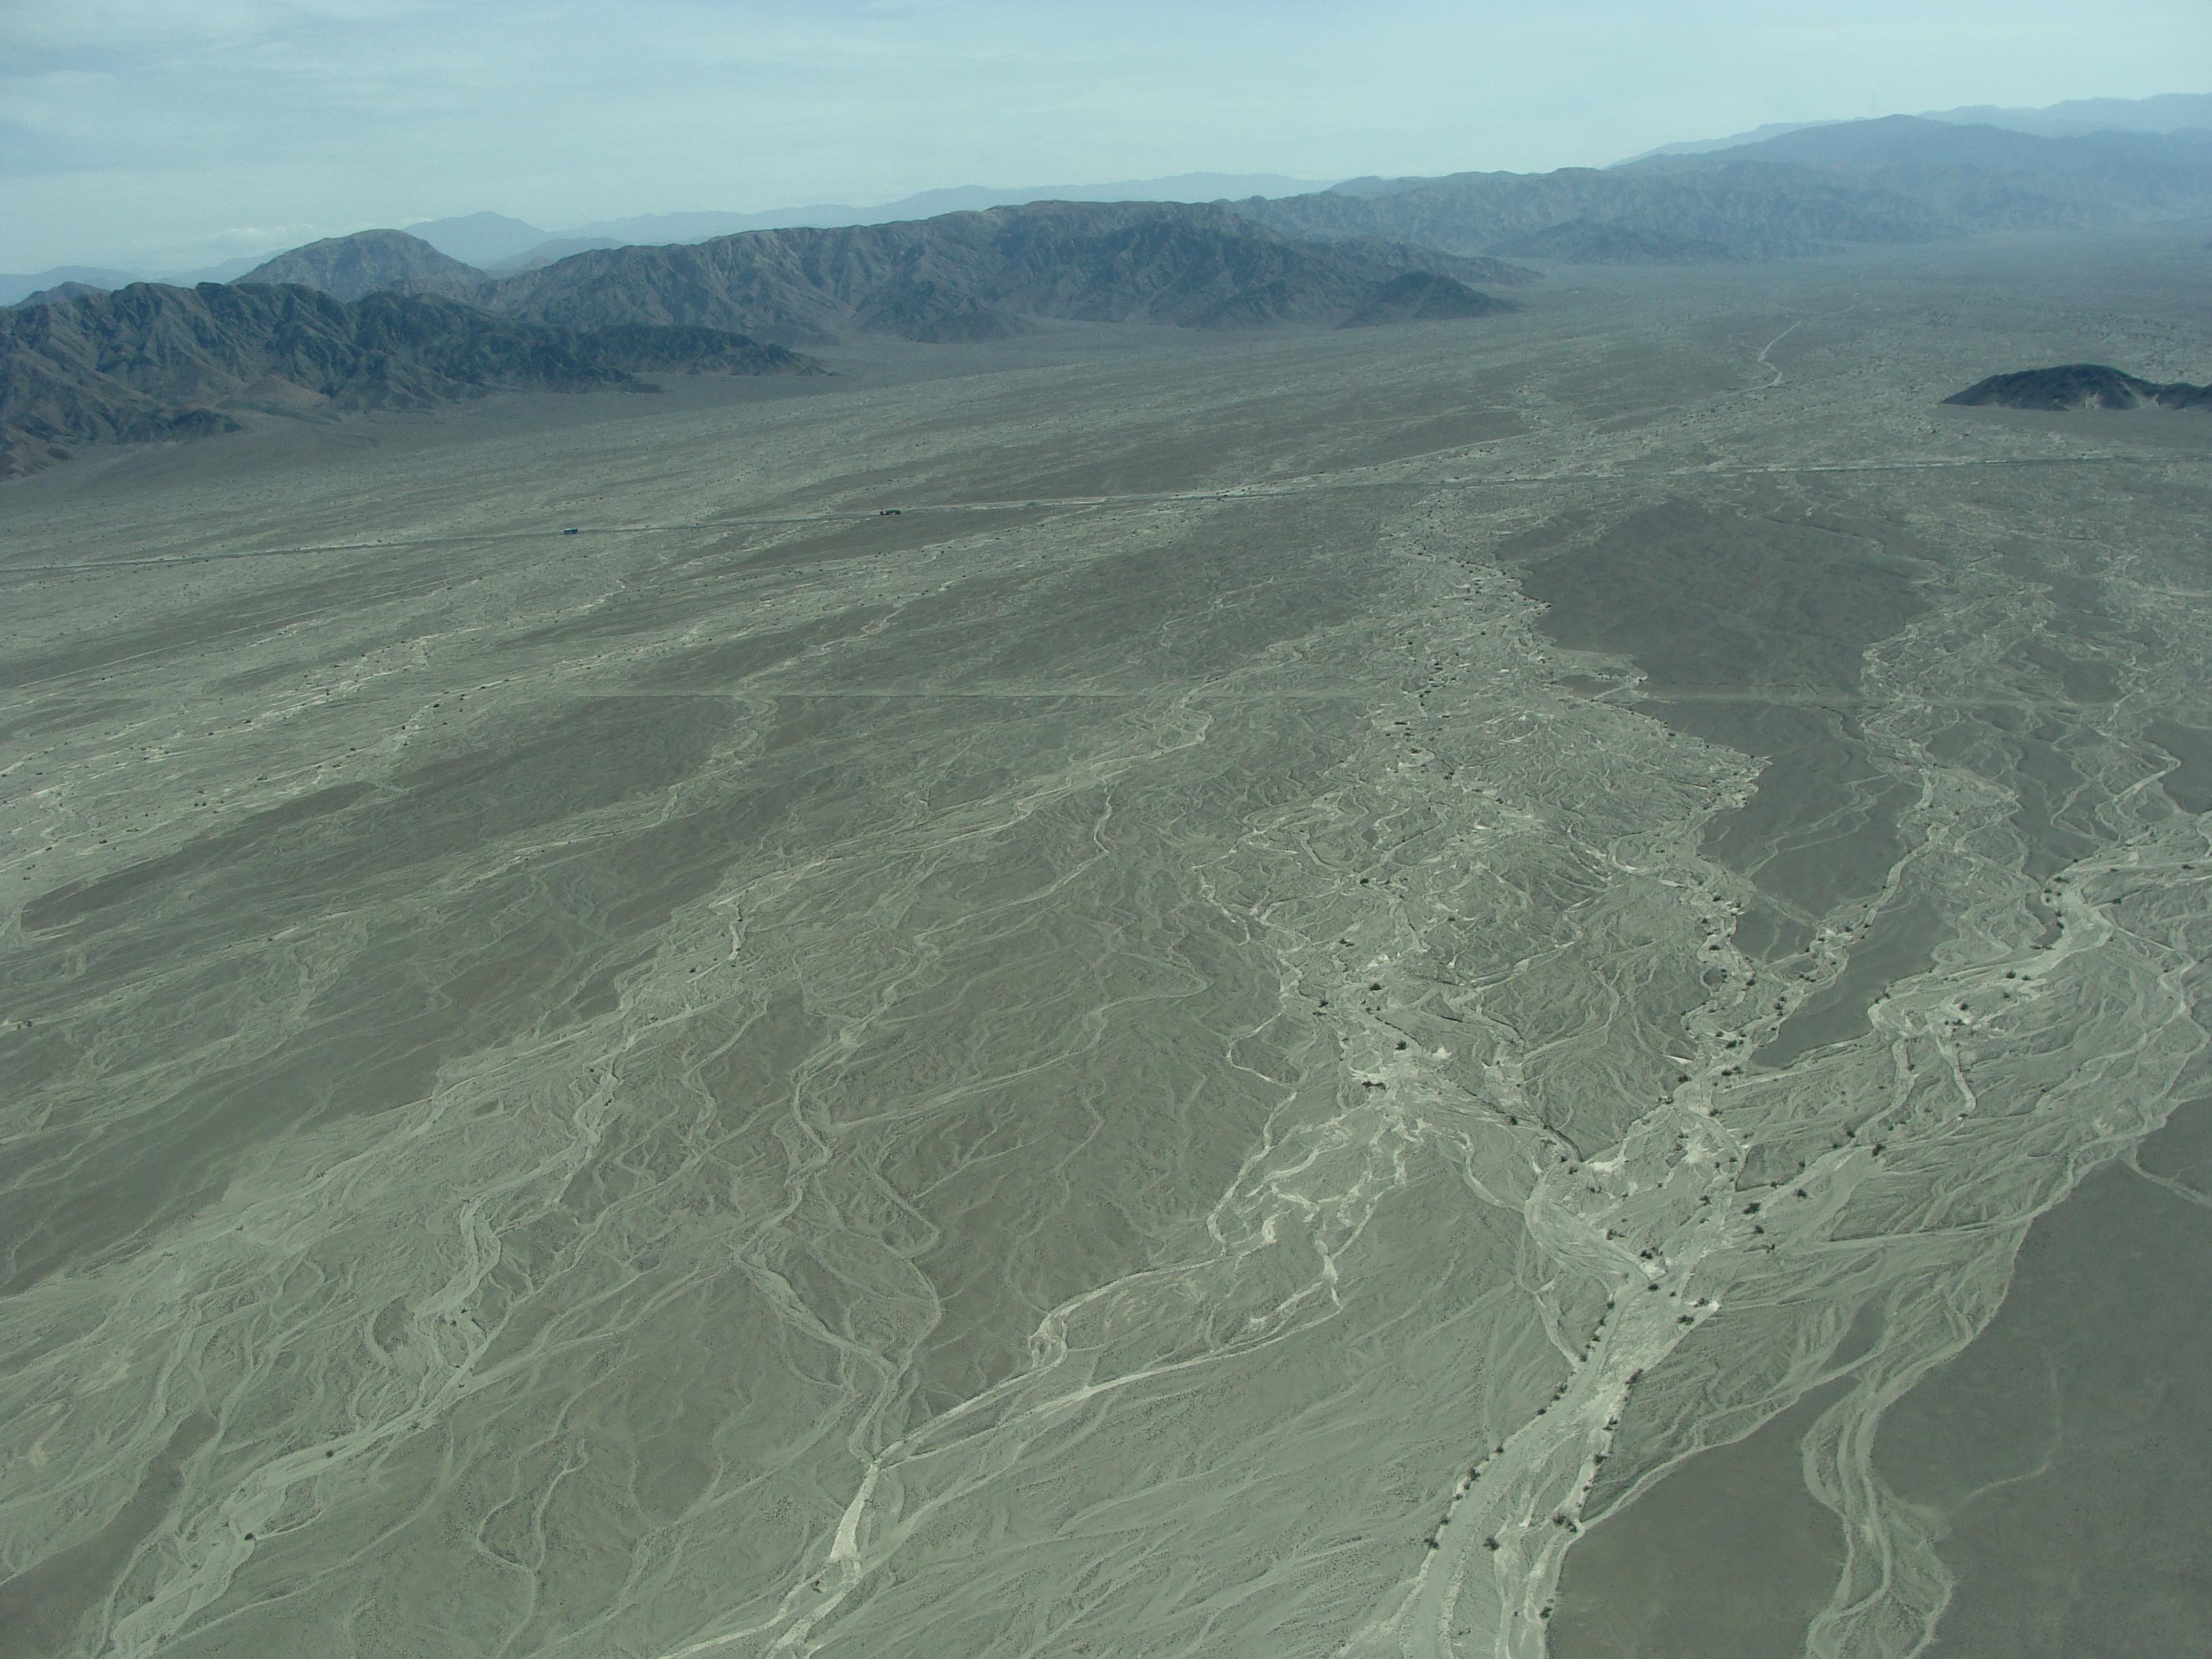 Nazca - planina - obrazce 21. 2. 2011 9:40